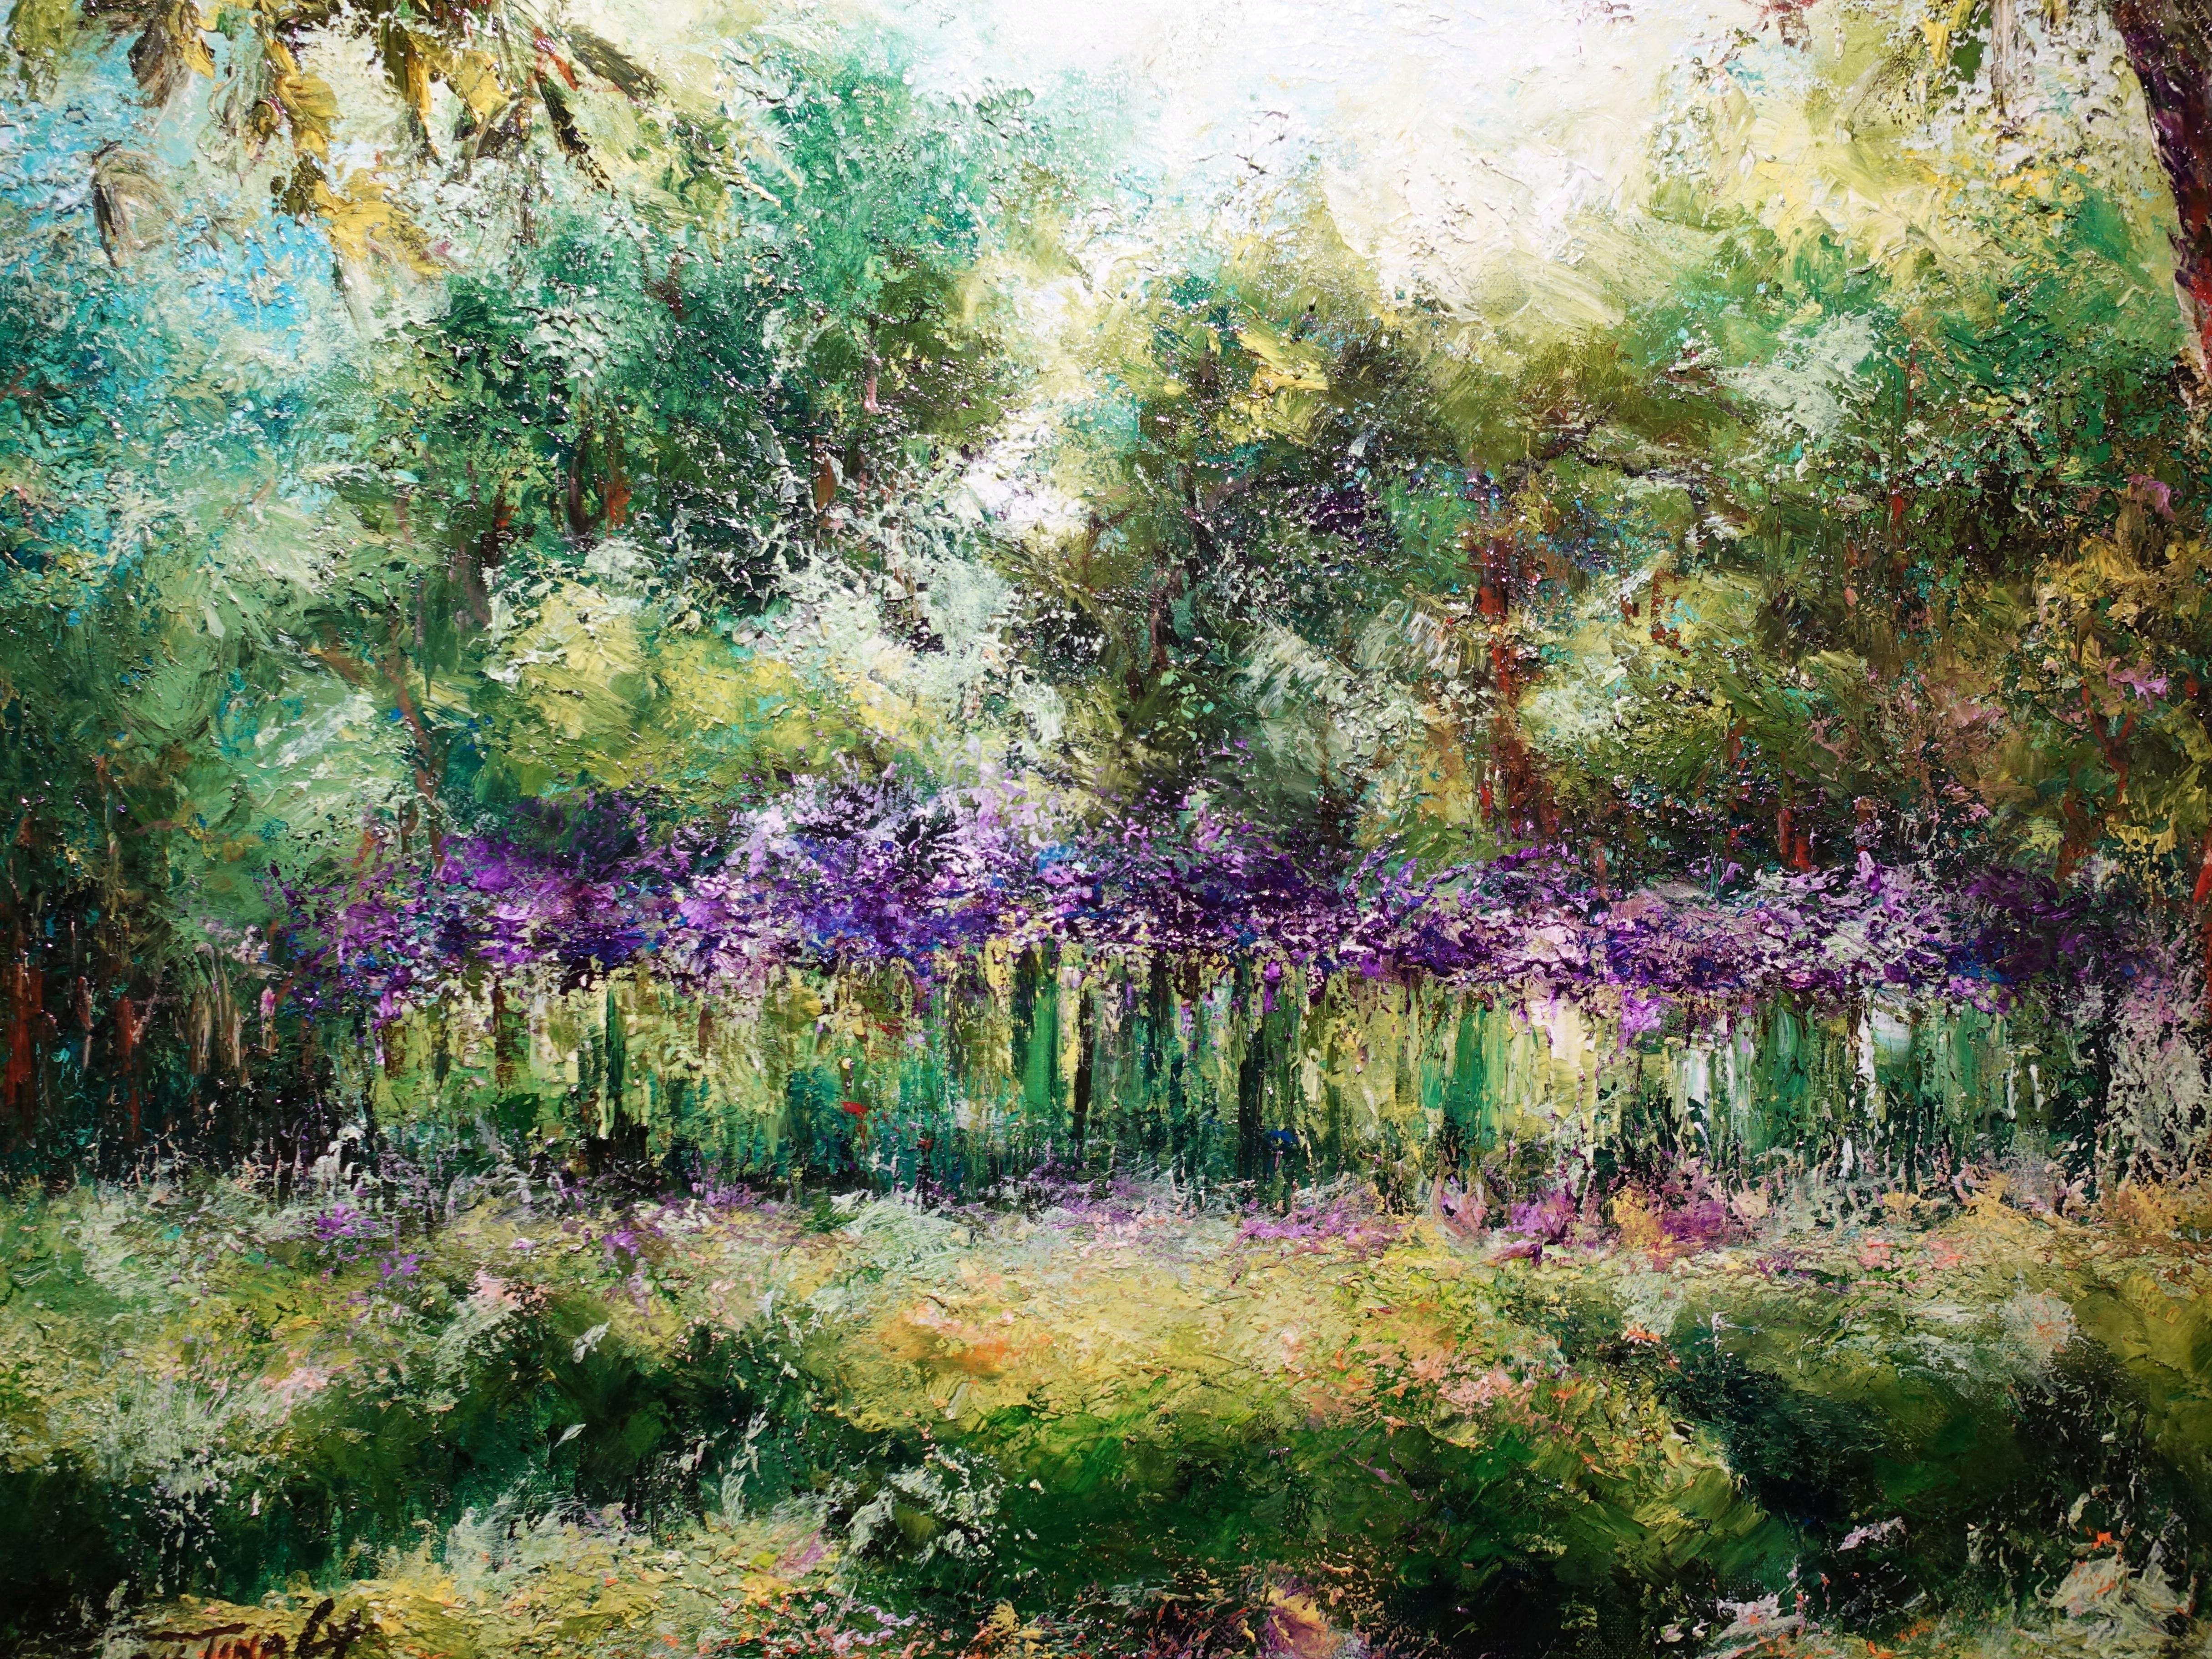 陳玉庭,《蘭花園-新加坡植物園》,91.5x91.5cm,油畫畫布,2011。